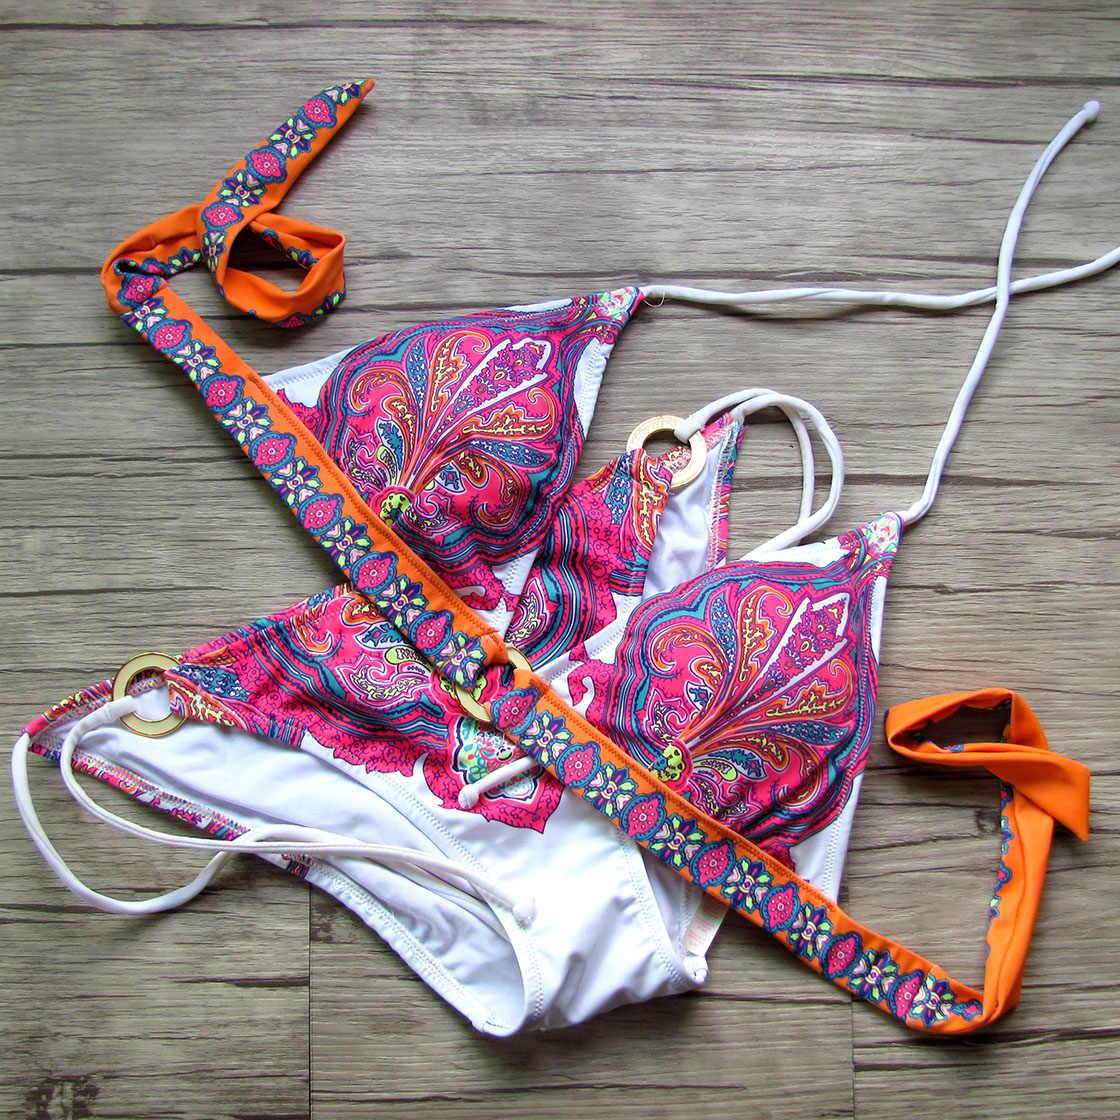 מעצב סוד נשים ביקיני 2020 סקסי בגדי ים ורוד הדפסת ביקיני בגד ים בציר שחייה חליפת נקבה בגד ים